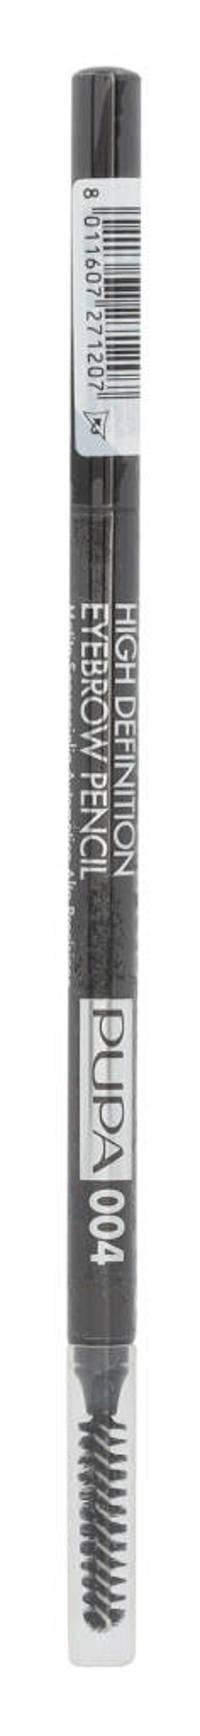 Pupa Milano High Definition Eyebrow Pencil oogpotlood - 004 Extra Dark